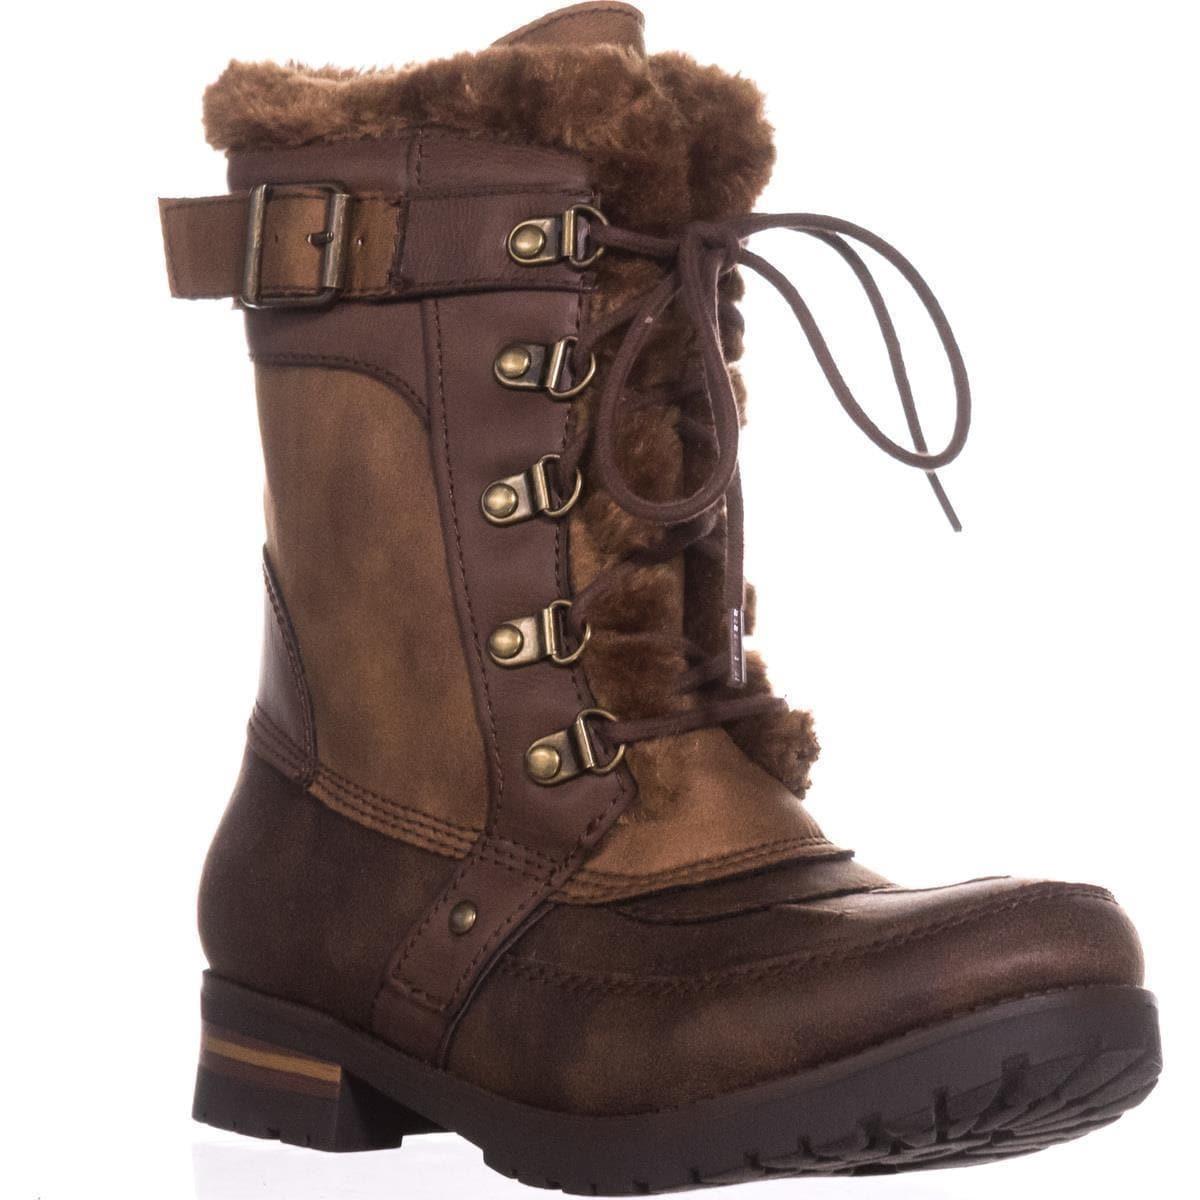 59f4b5d94b5da Buy Snow Women s Boots Online at Overstock